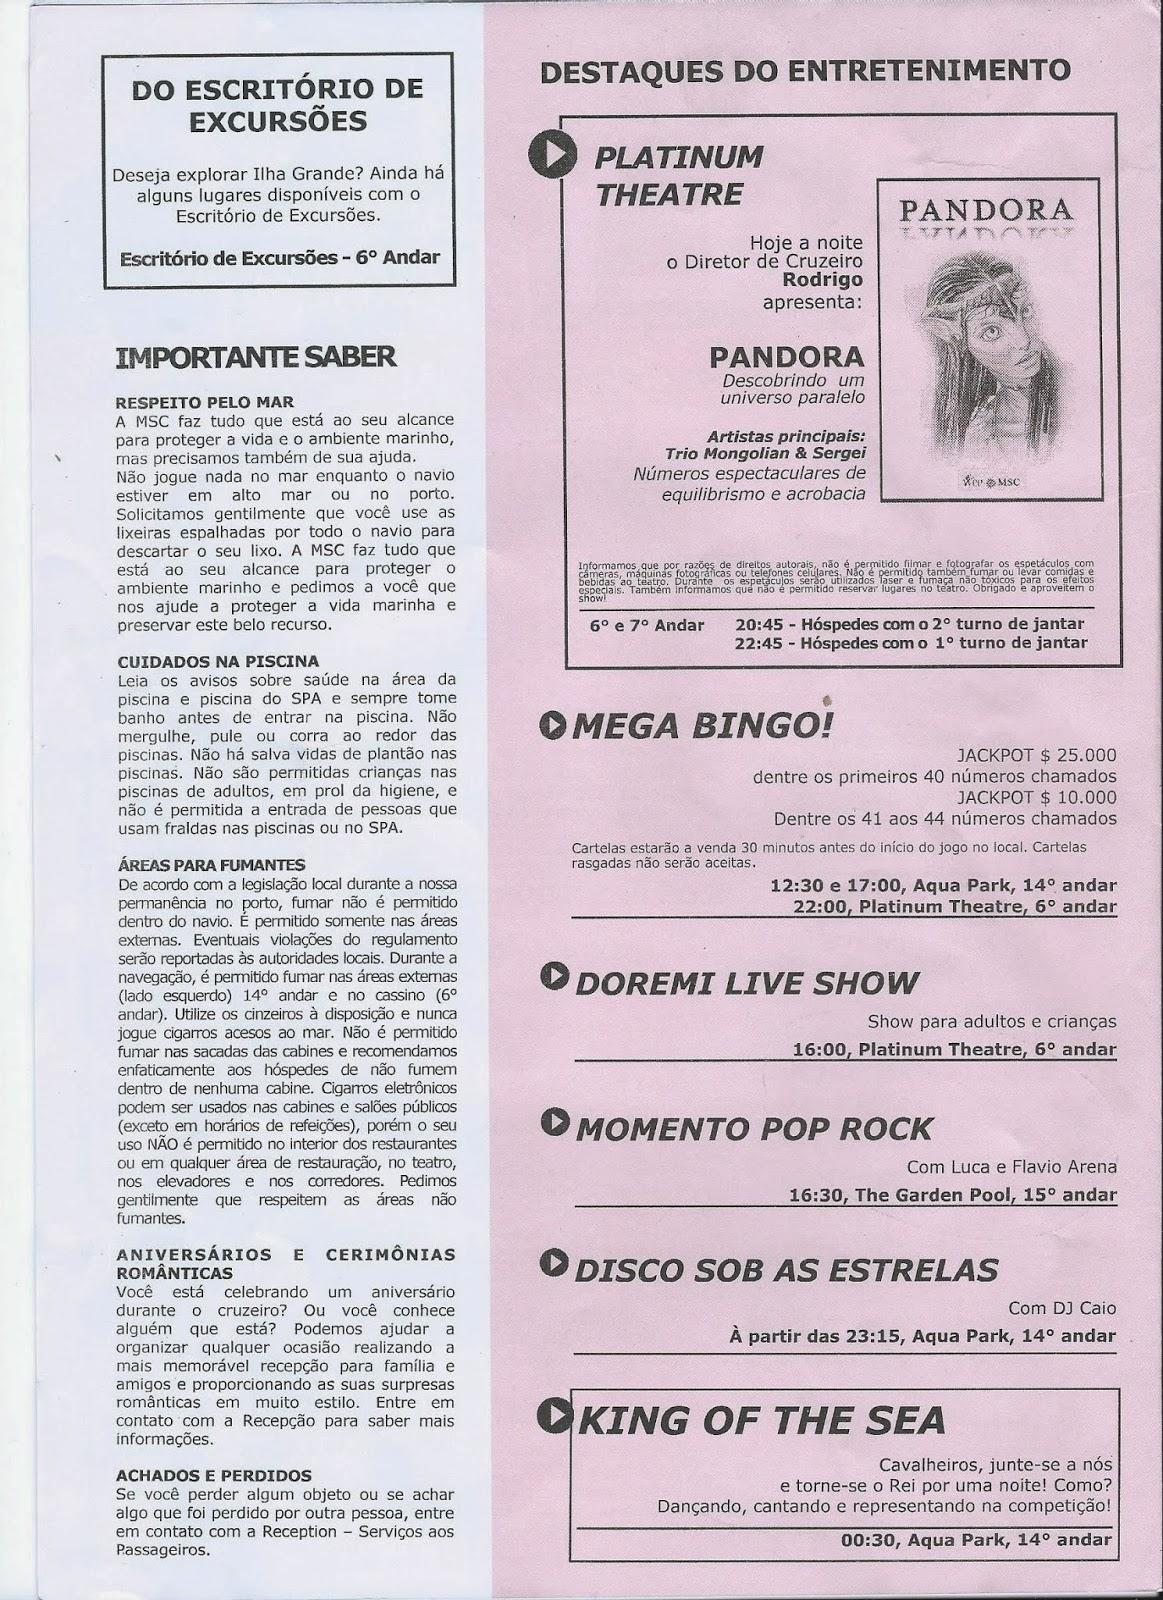 Diário de Bordo do MSC Preziosa - página 2